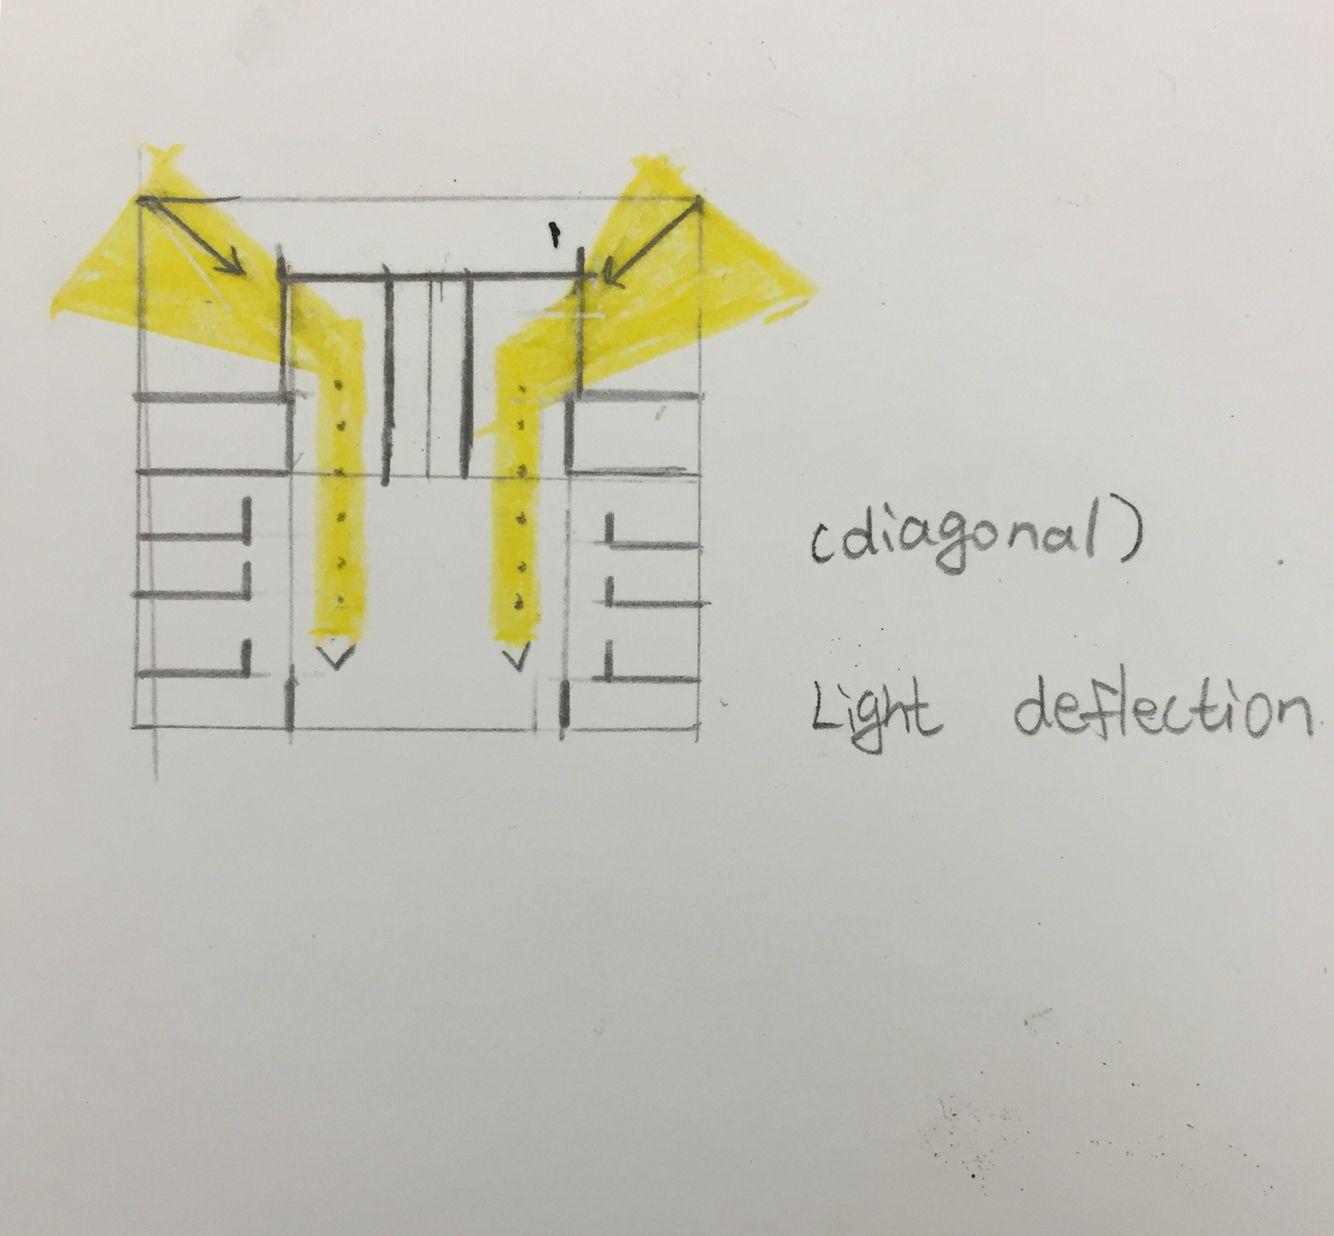 Kahn uses the concrete diagonal blades to